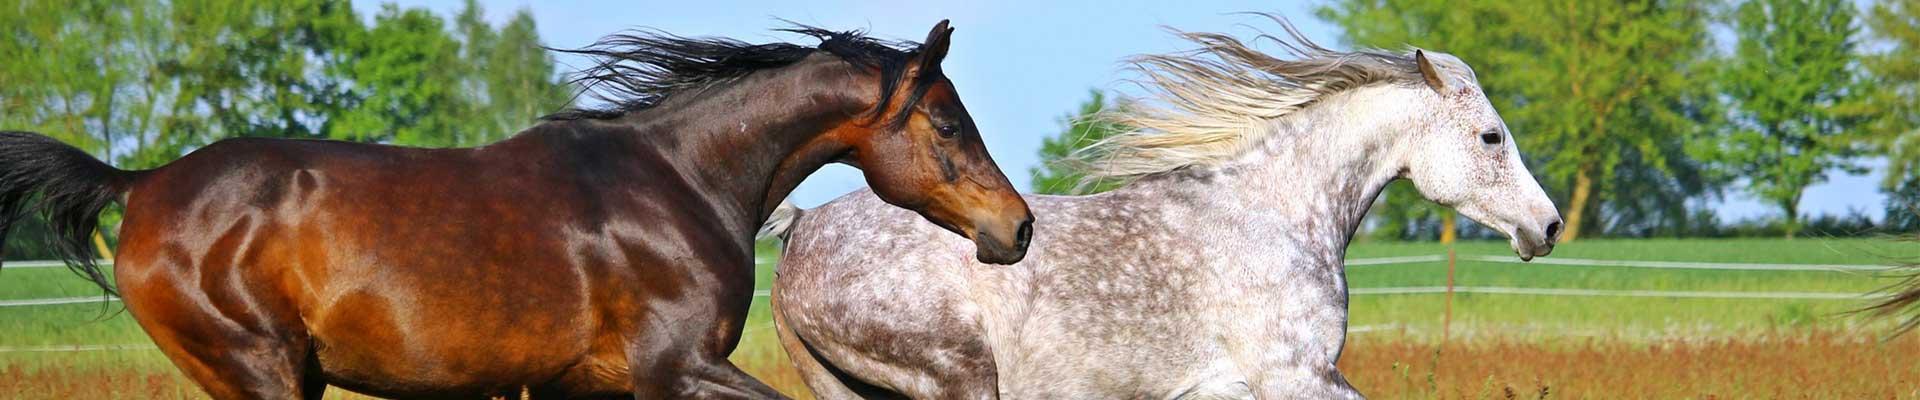 Paarden-home